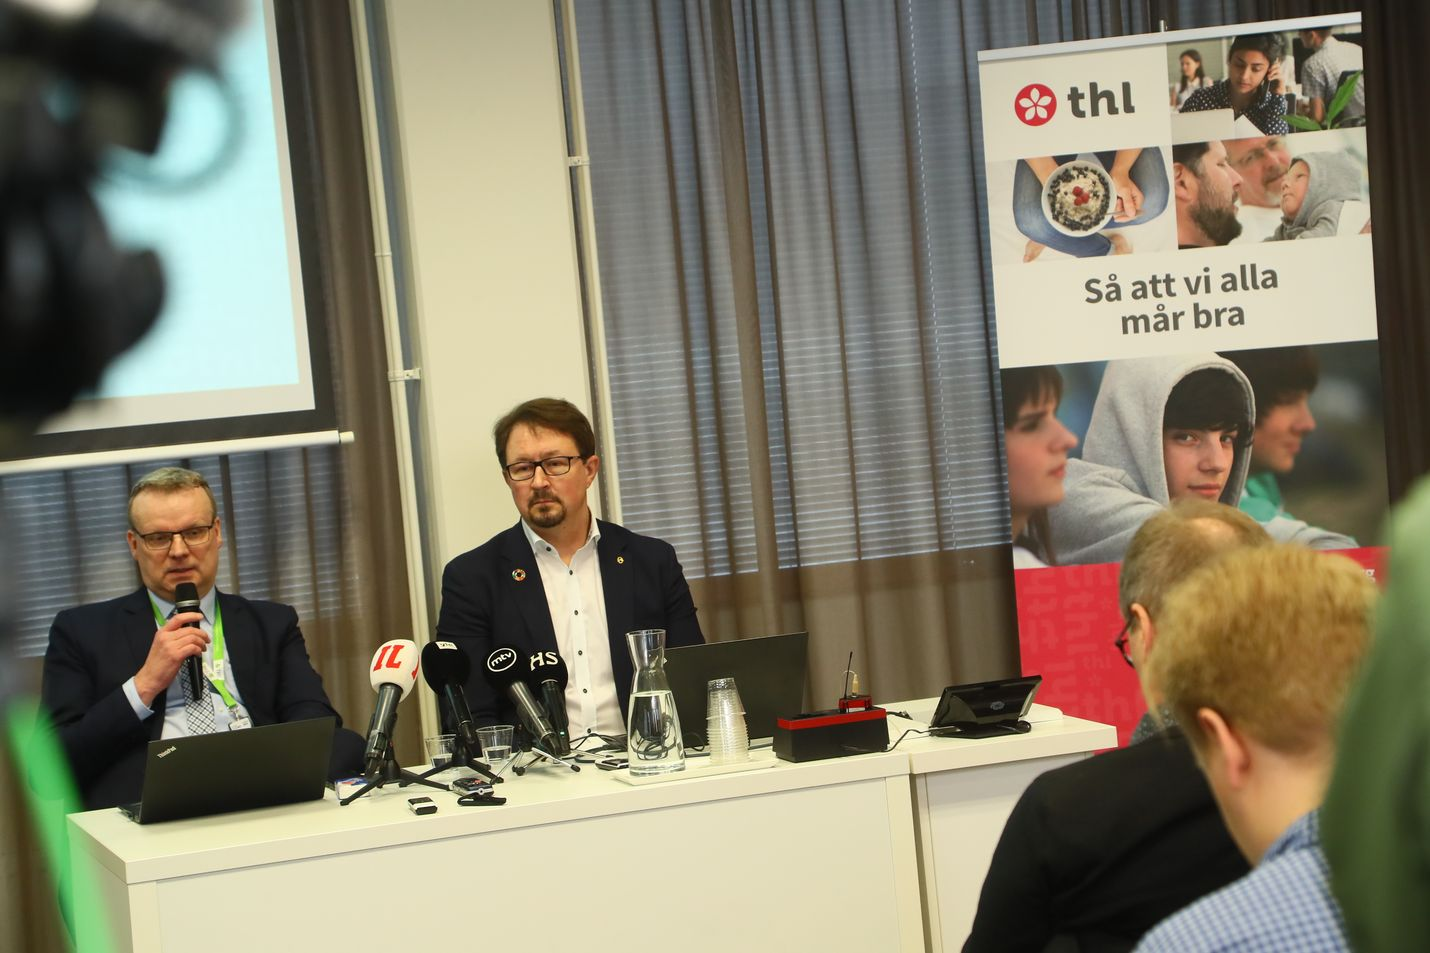 Terveyden- ja hyvinvoinnin laitos THL antoi perjantaina tietoiskun koronasta. Jopa kolmannes väestöstä voi sairastua. Samalla kerrottiin päivitetyt ohjeet. Vasemmalla istuu pääjohtaja Markku Tervahauta ja oikealla johtaja Mika Salminen.